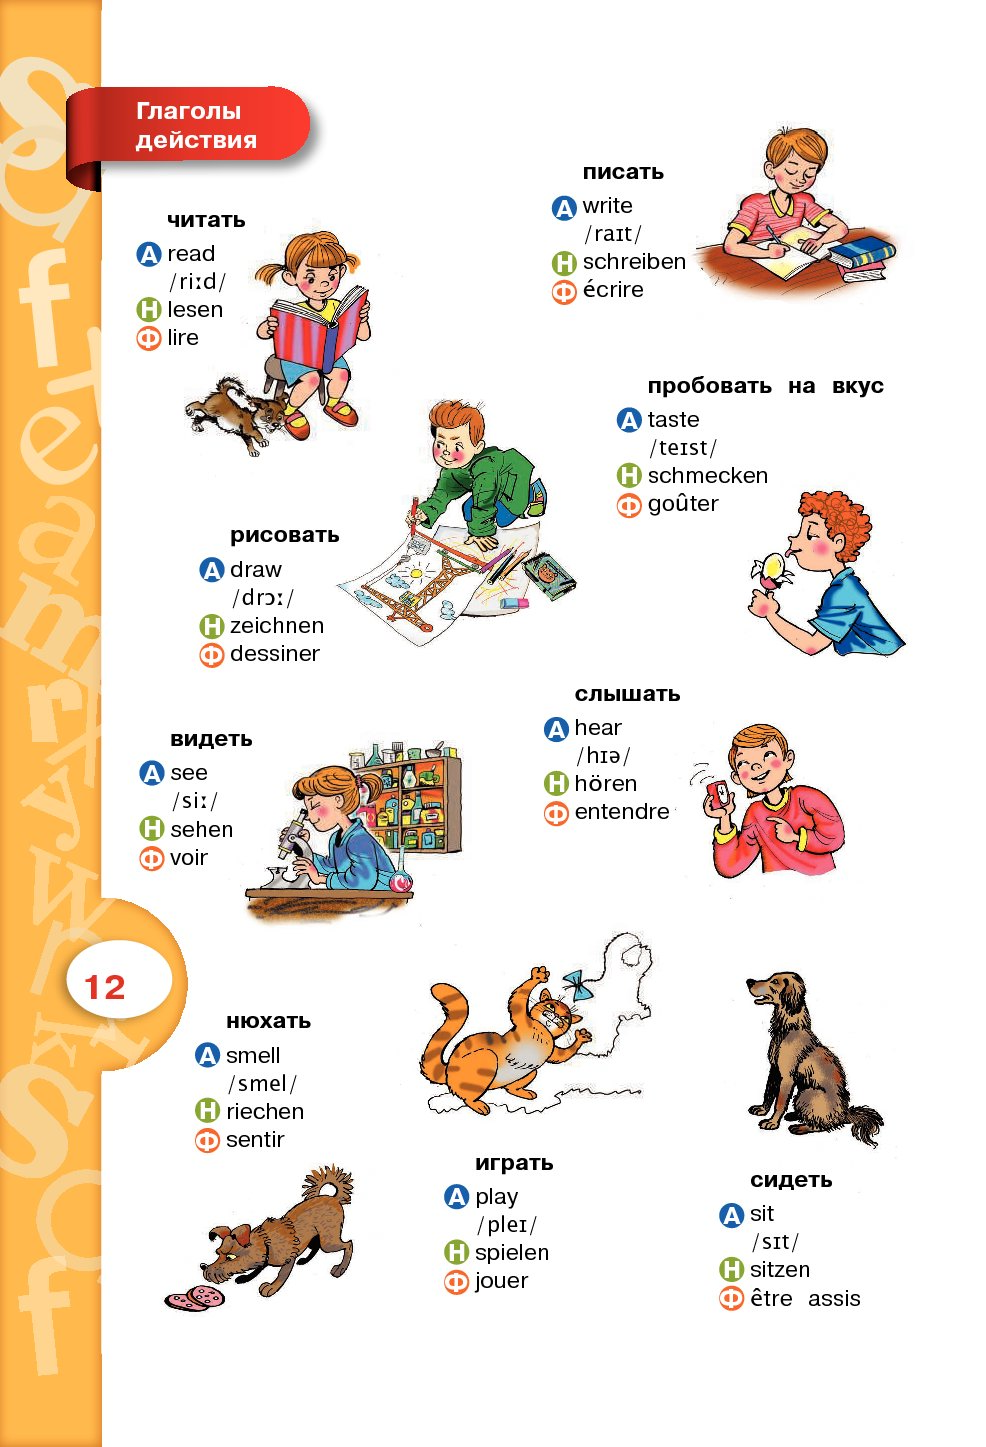 Читать немецкий с переводом на русский с иллюстрациями — 7